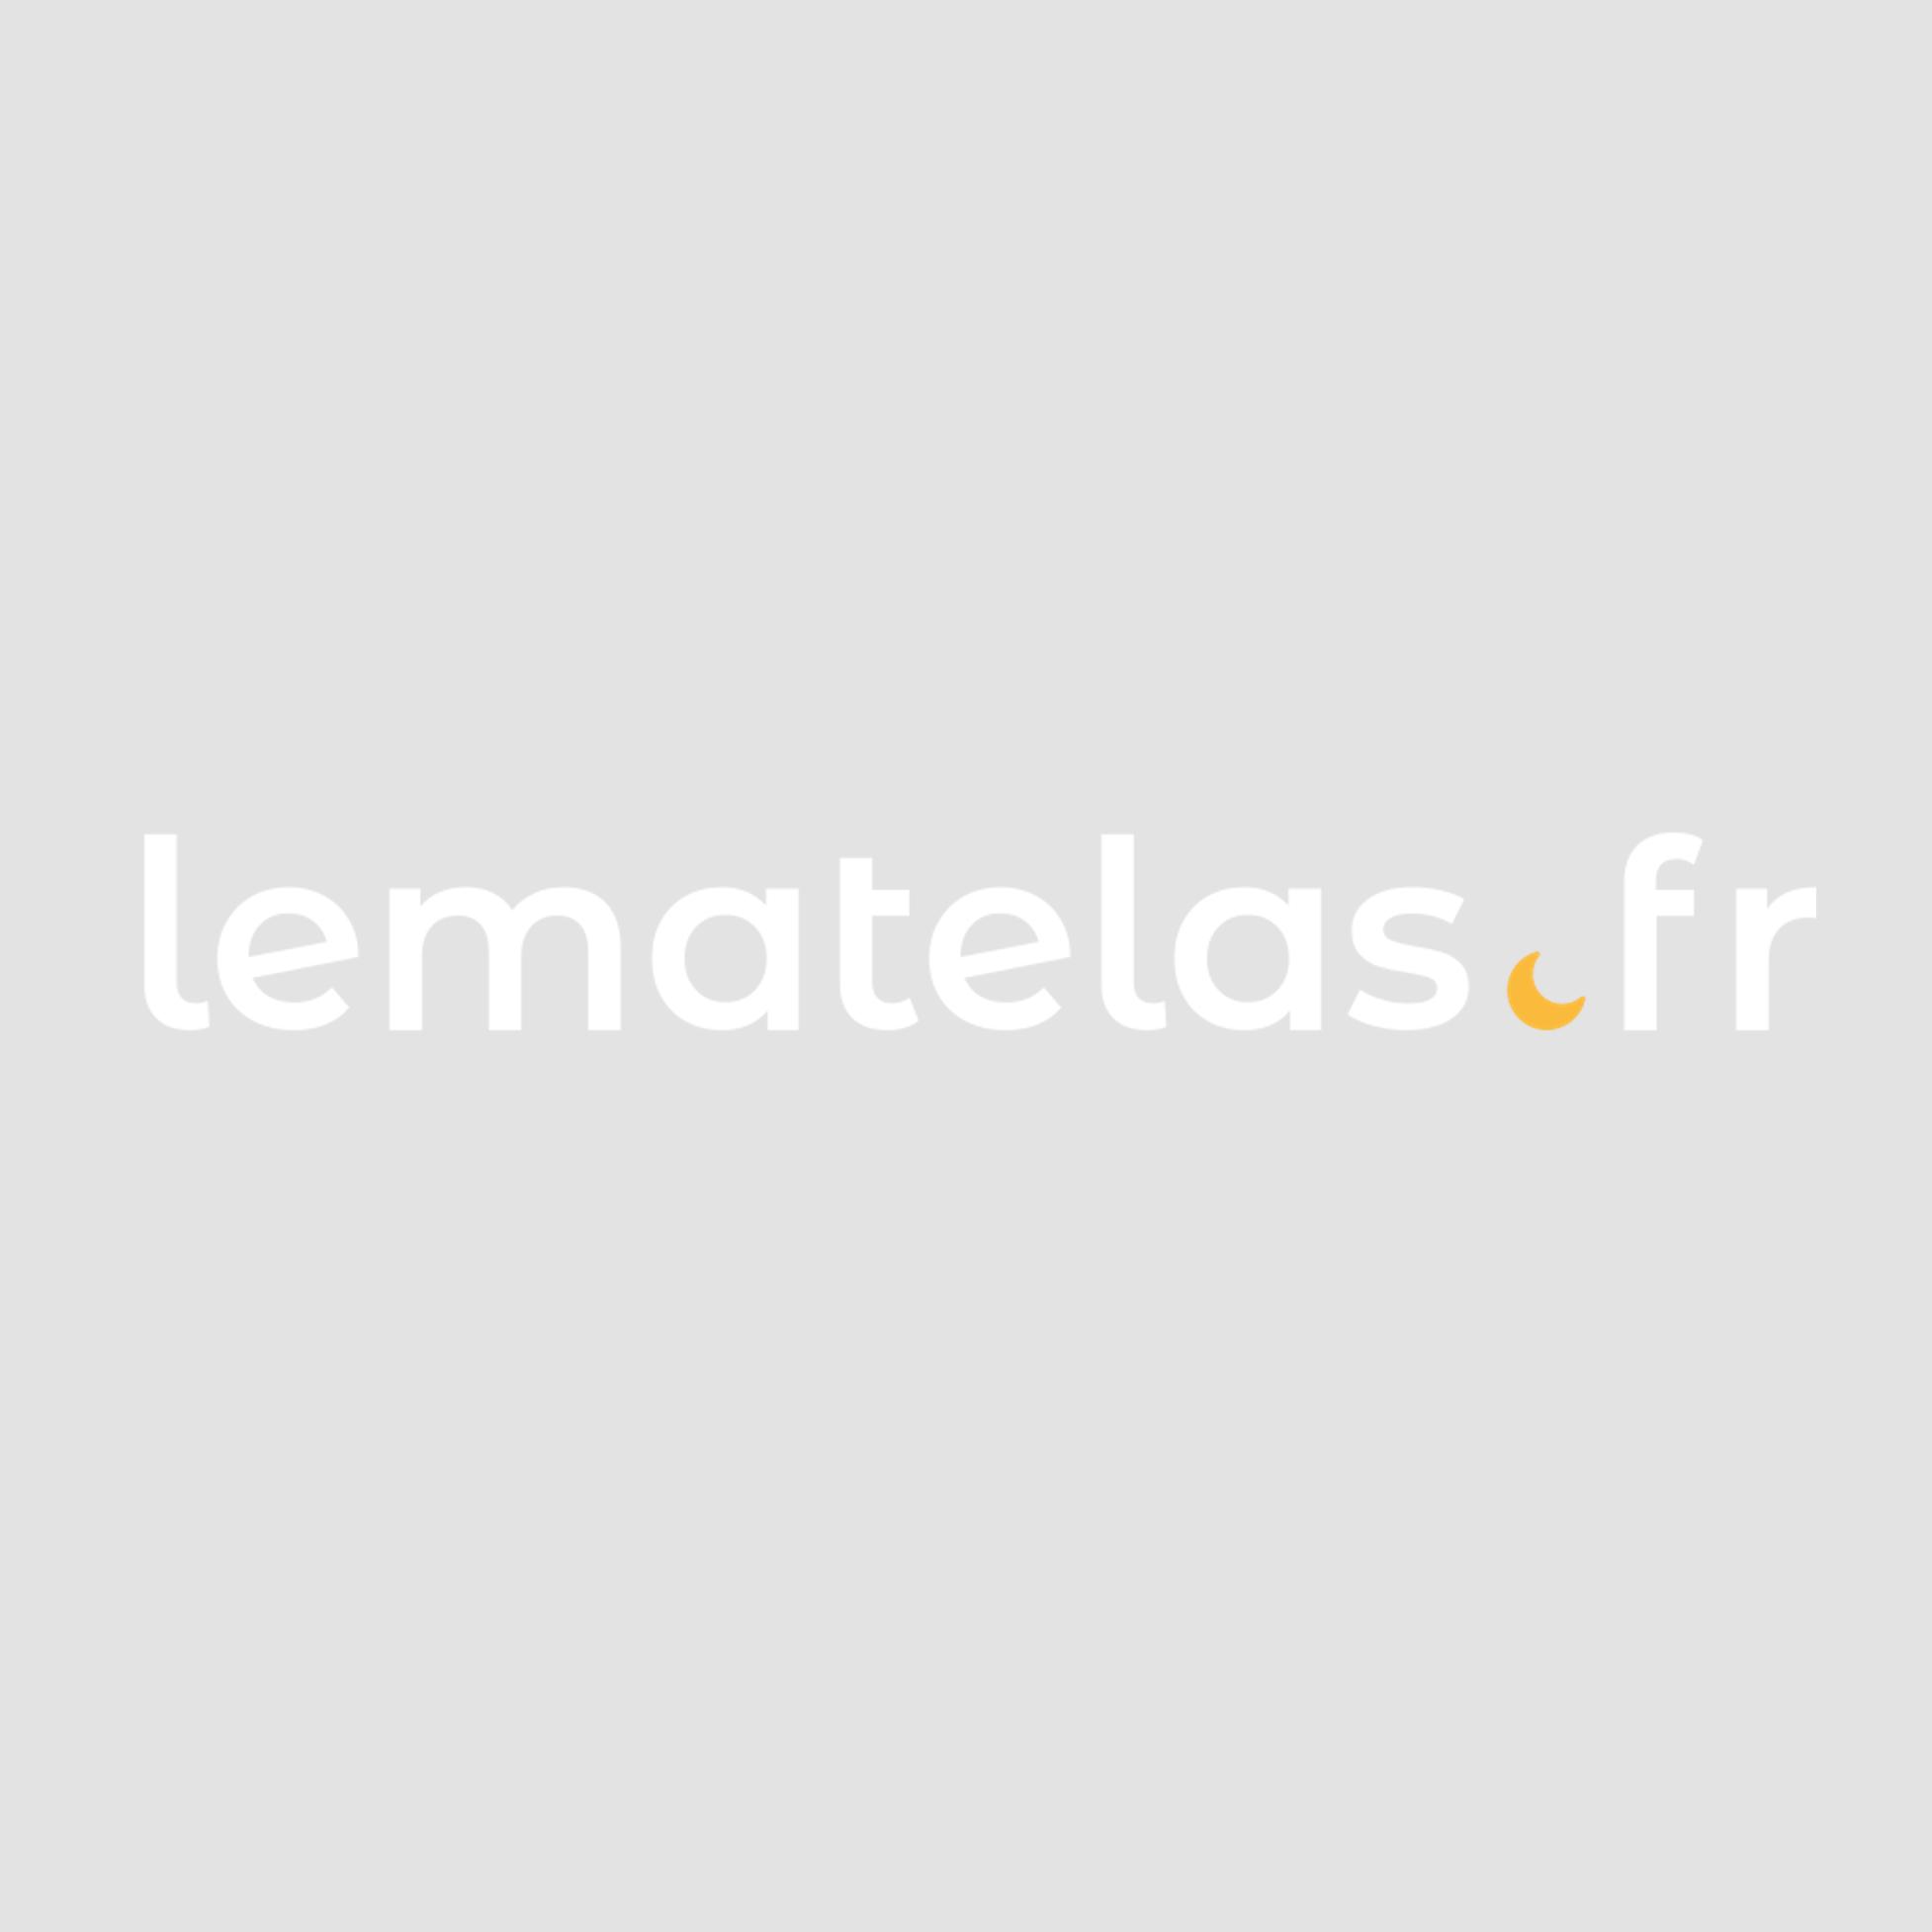 Lit tiroir en bois blanc et imitation chêne - LT5015-T